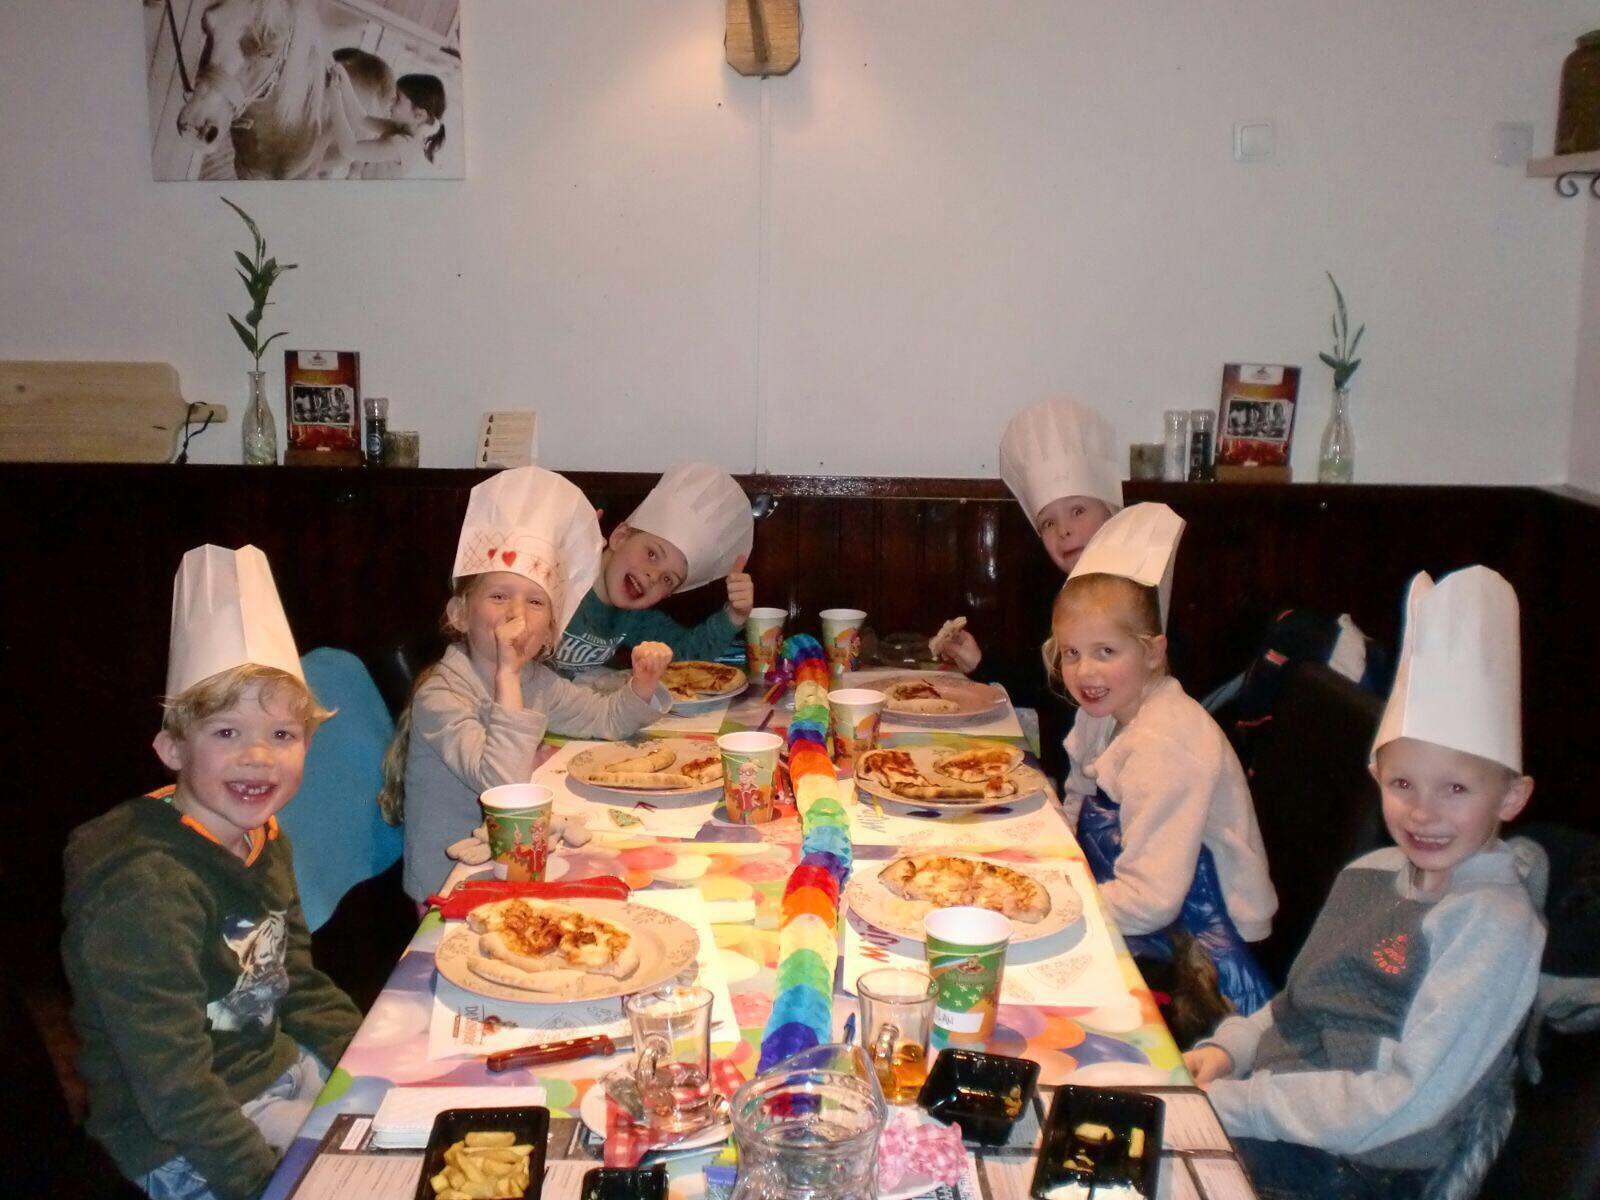 Pizza kinderfeestje in Voorthuizen bij De Boshoek